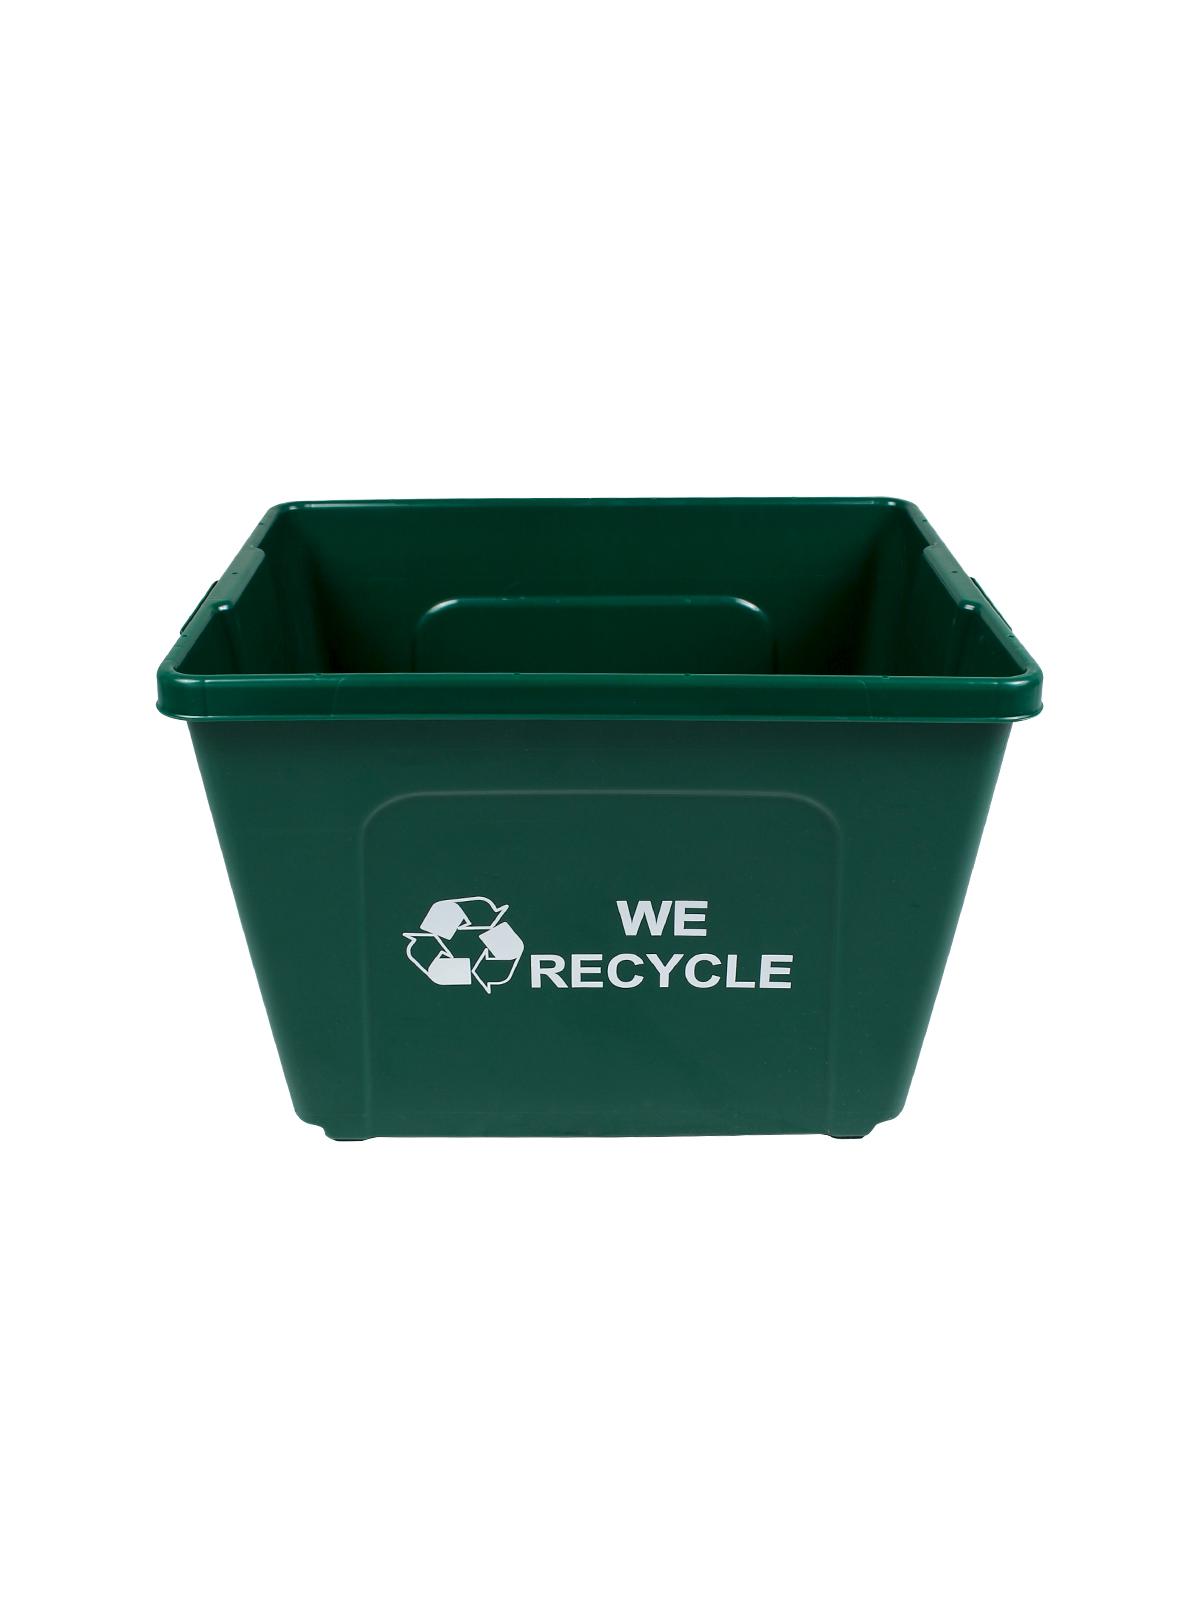 CURBSIDE - Body - 14 G - Mobius Loop-We Recycle 2 Sides - Dark Green